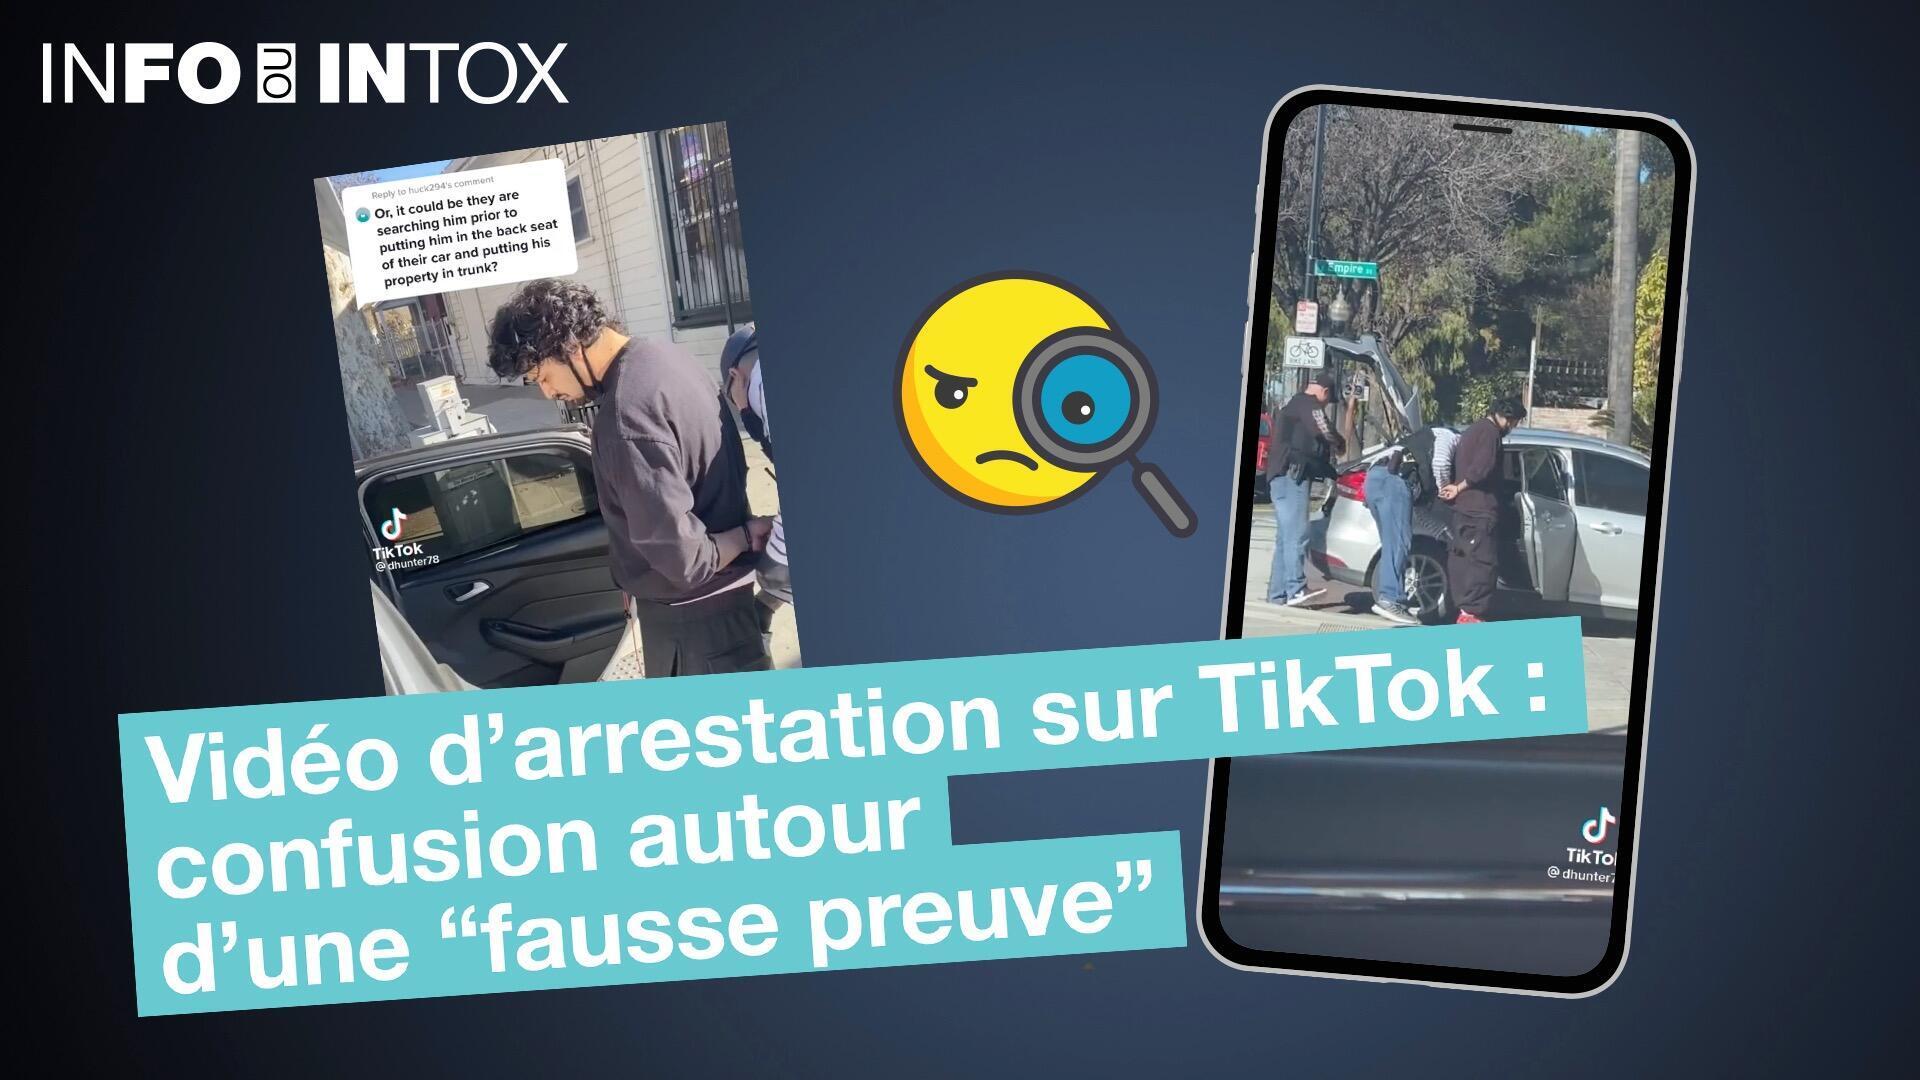 info-intox-TikTok-1920x1080